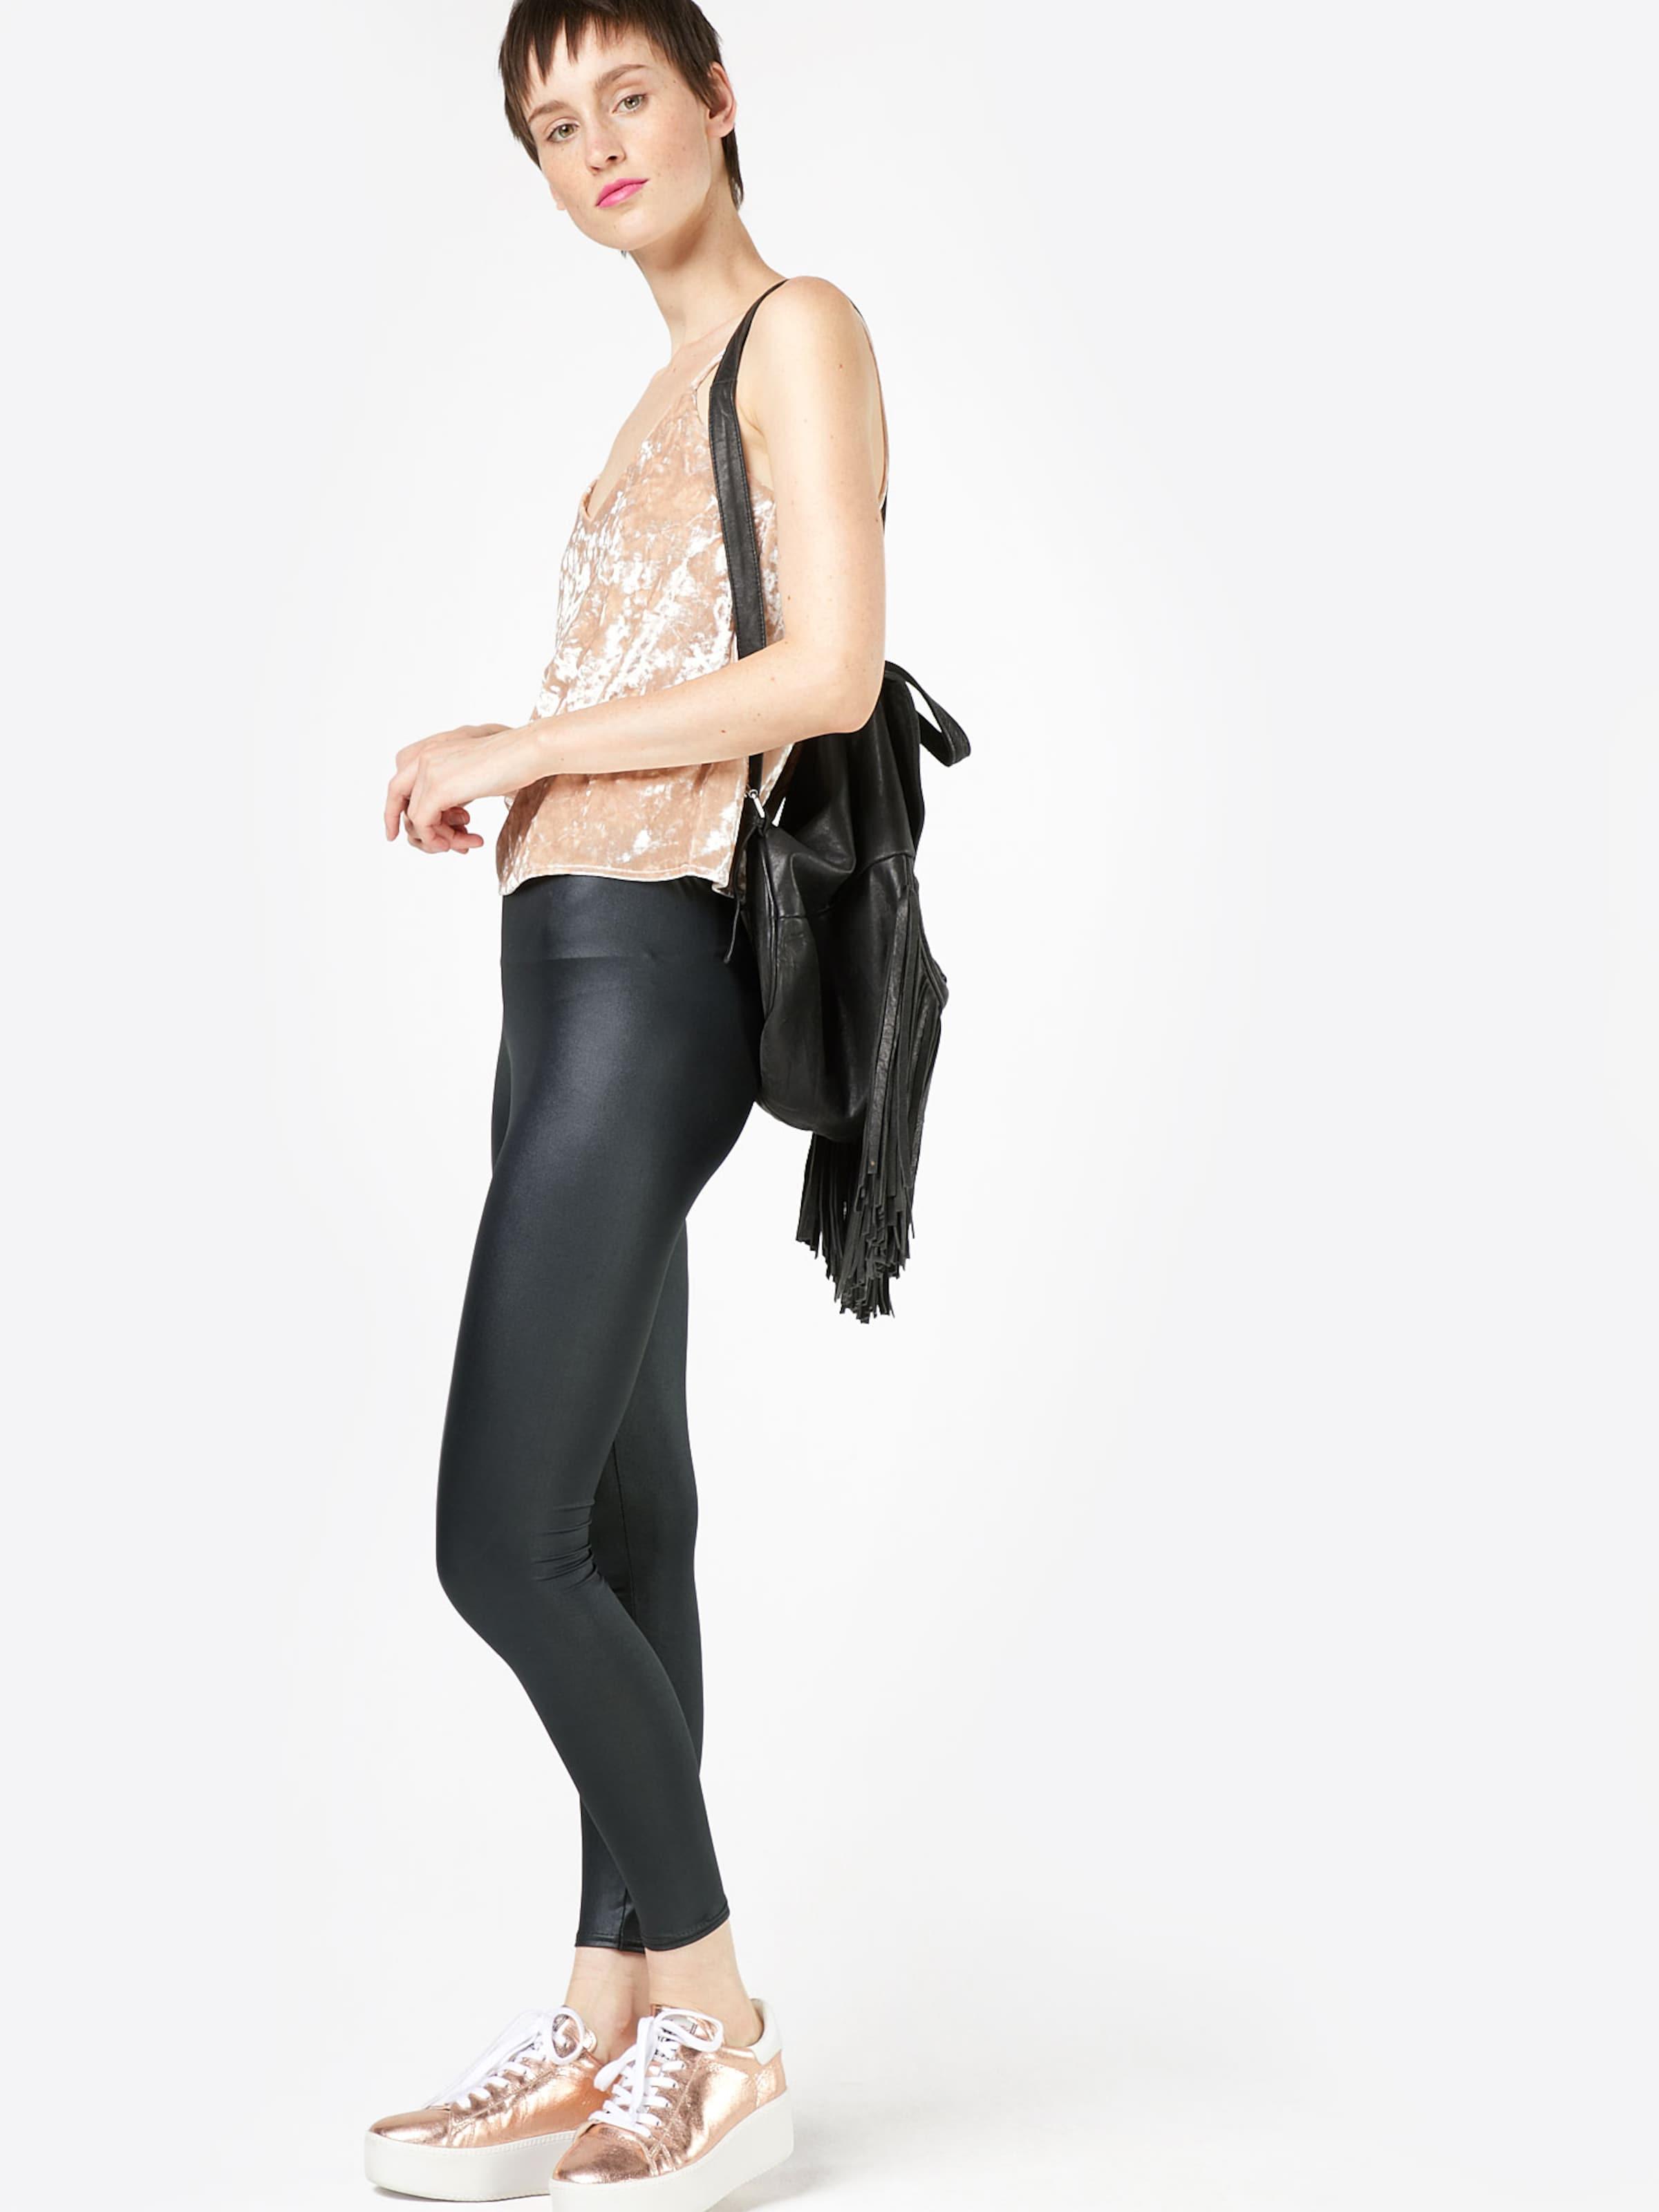 Boohoo Leggings 'CARLA' Für Schöne Günstig Online Billig Verkauf Echten Auf Dem Laufenden Beliebt LHjYgyHc